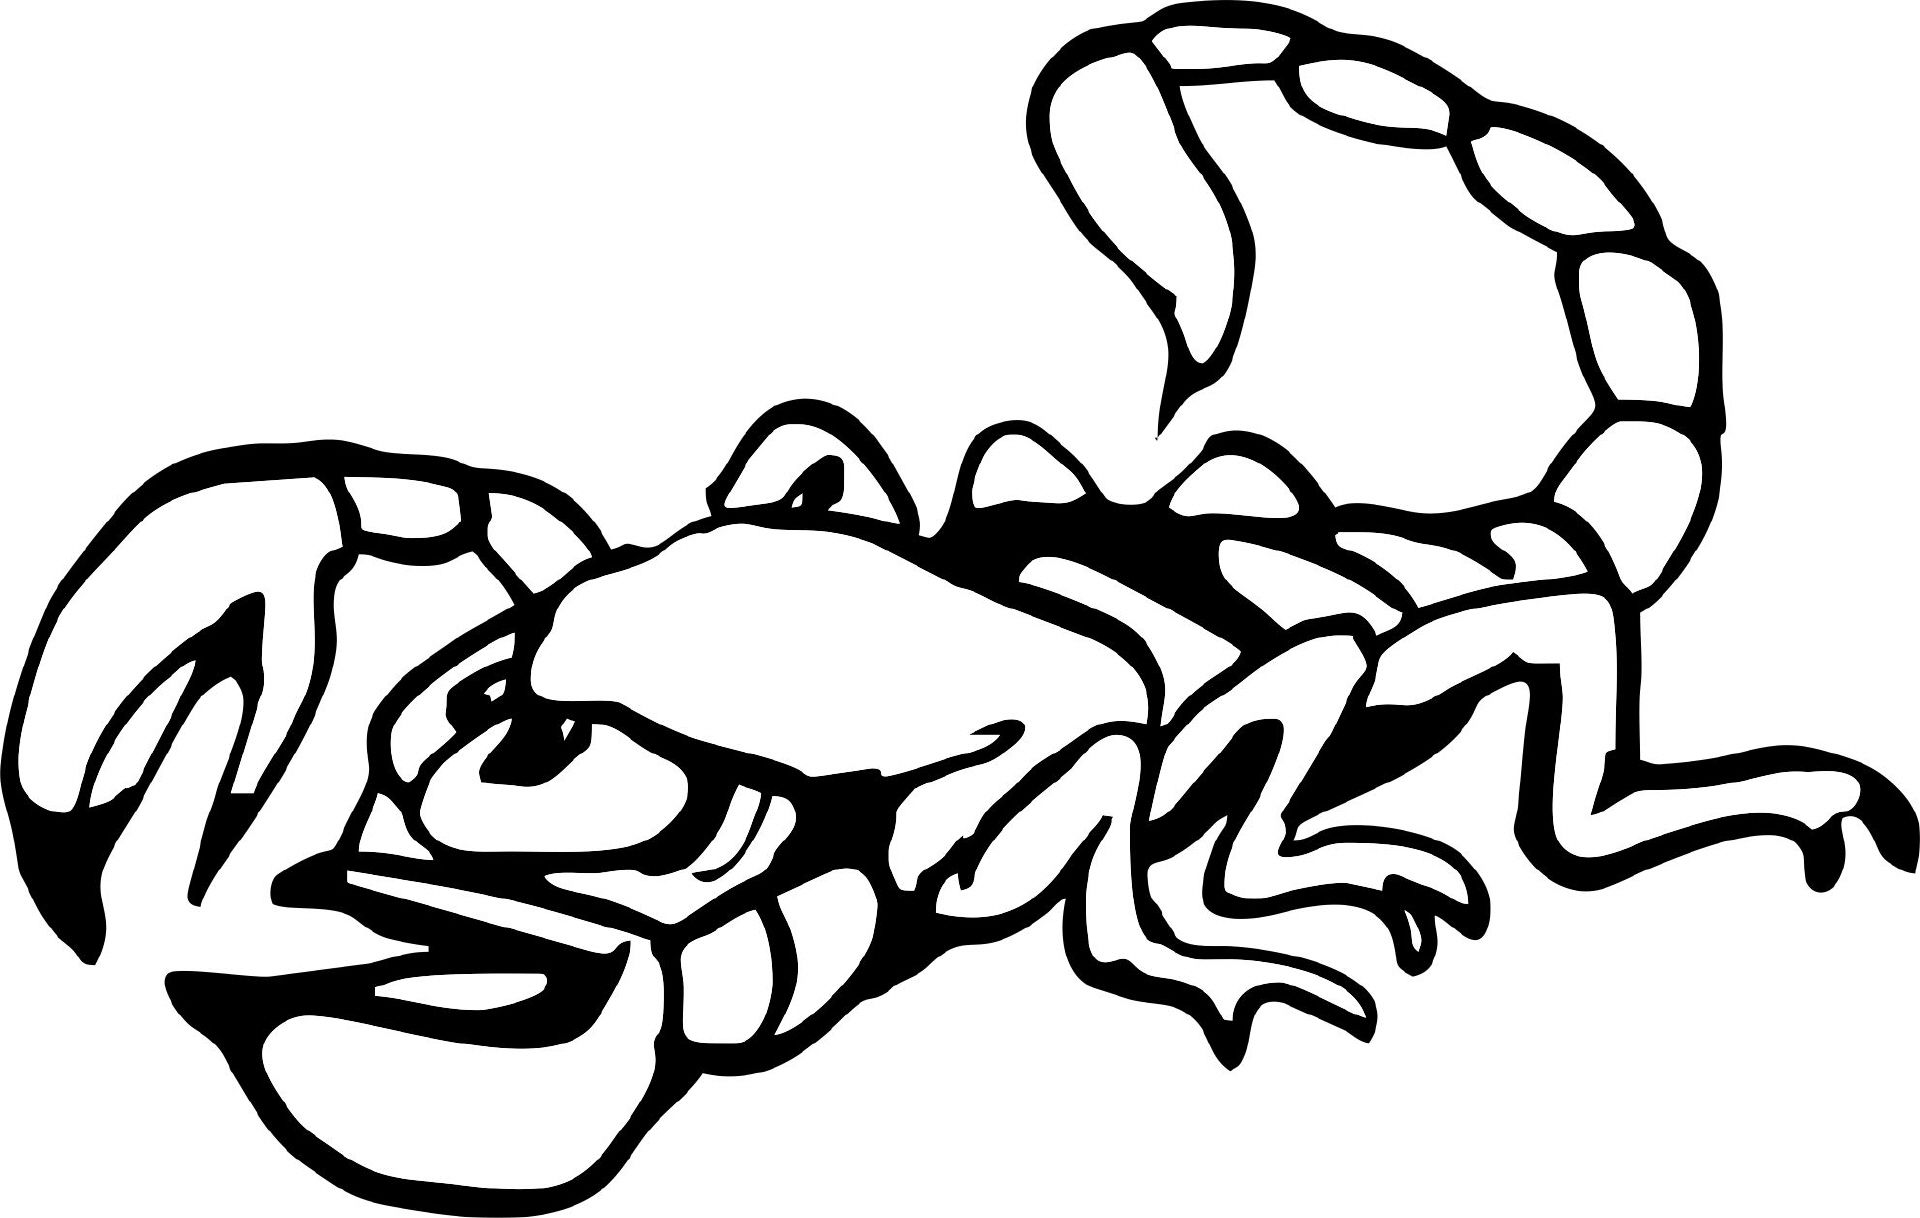 Skorpion Ausmalbilder Tiere Ausmalbilder Ausmalen